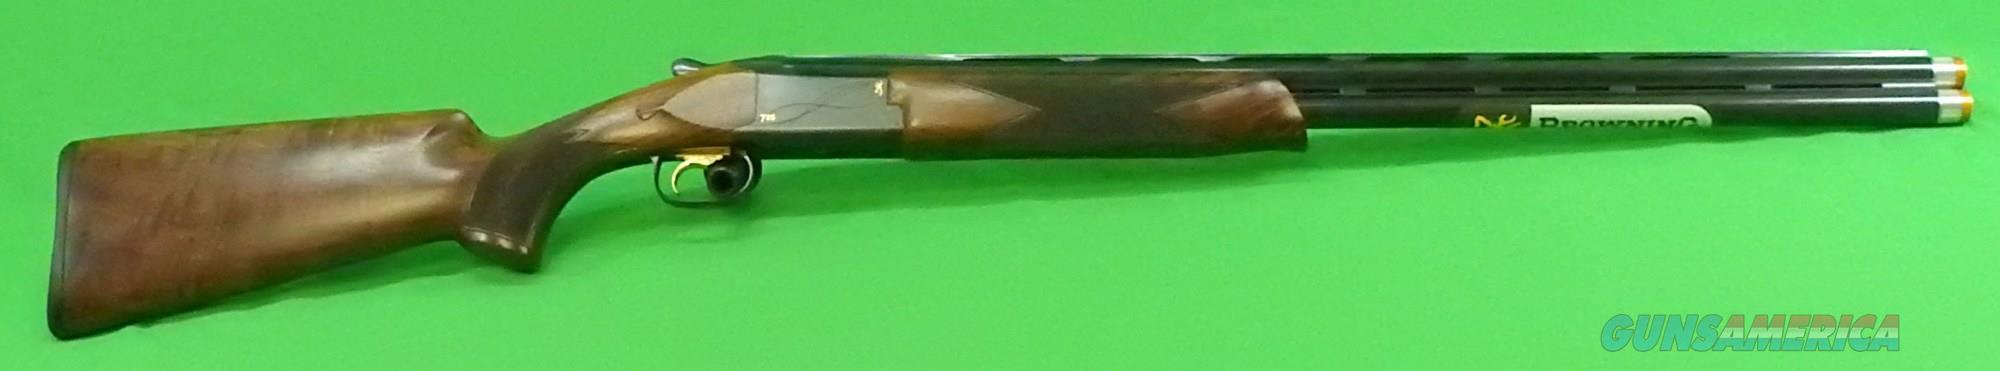 Citori B725 S3 Sptg 12Ga 28-3In 0181503004  Guns > Shotguns > Browning Shotguns > Over Unders > Citori > Trap/Skeet